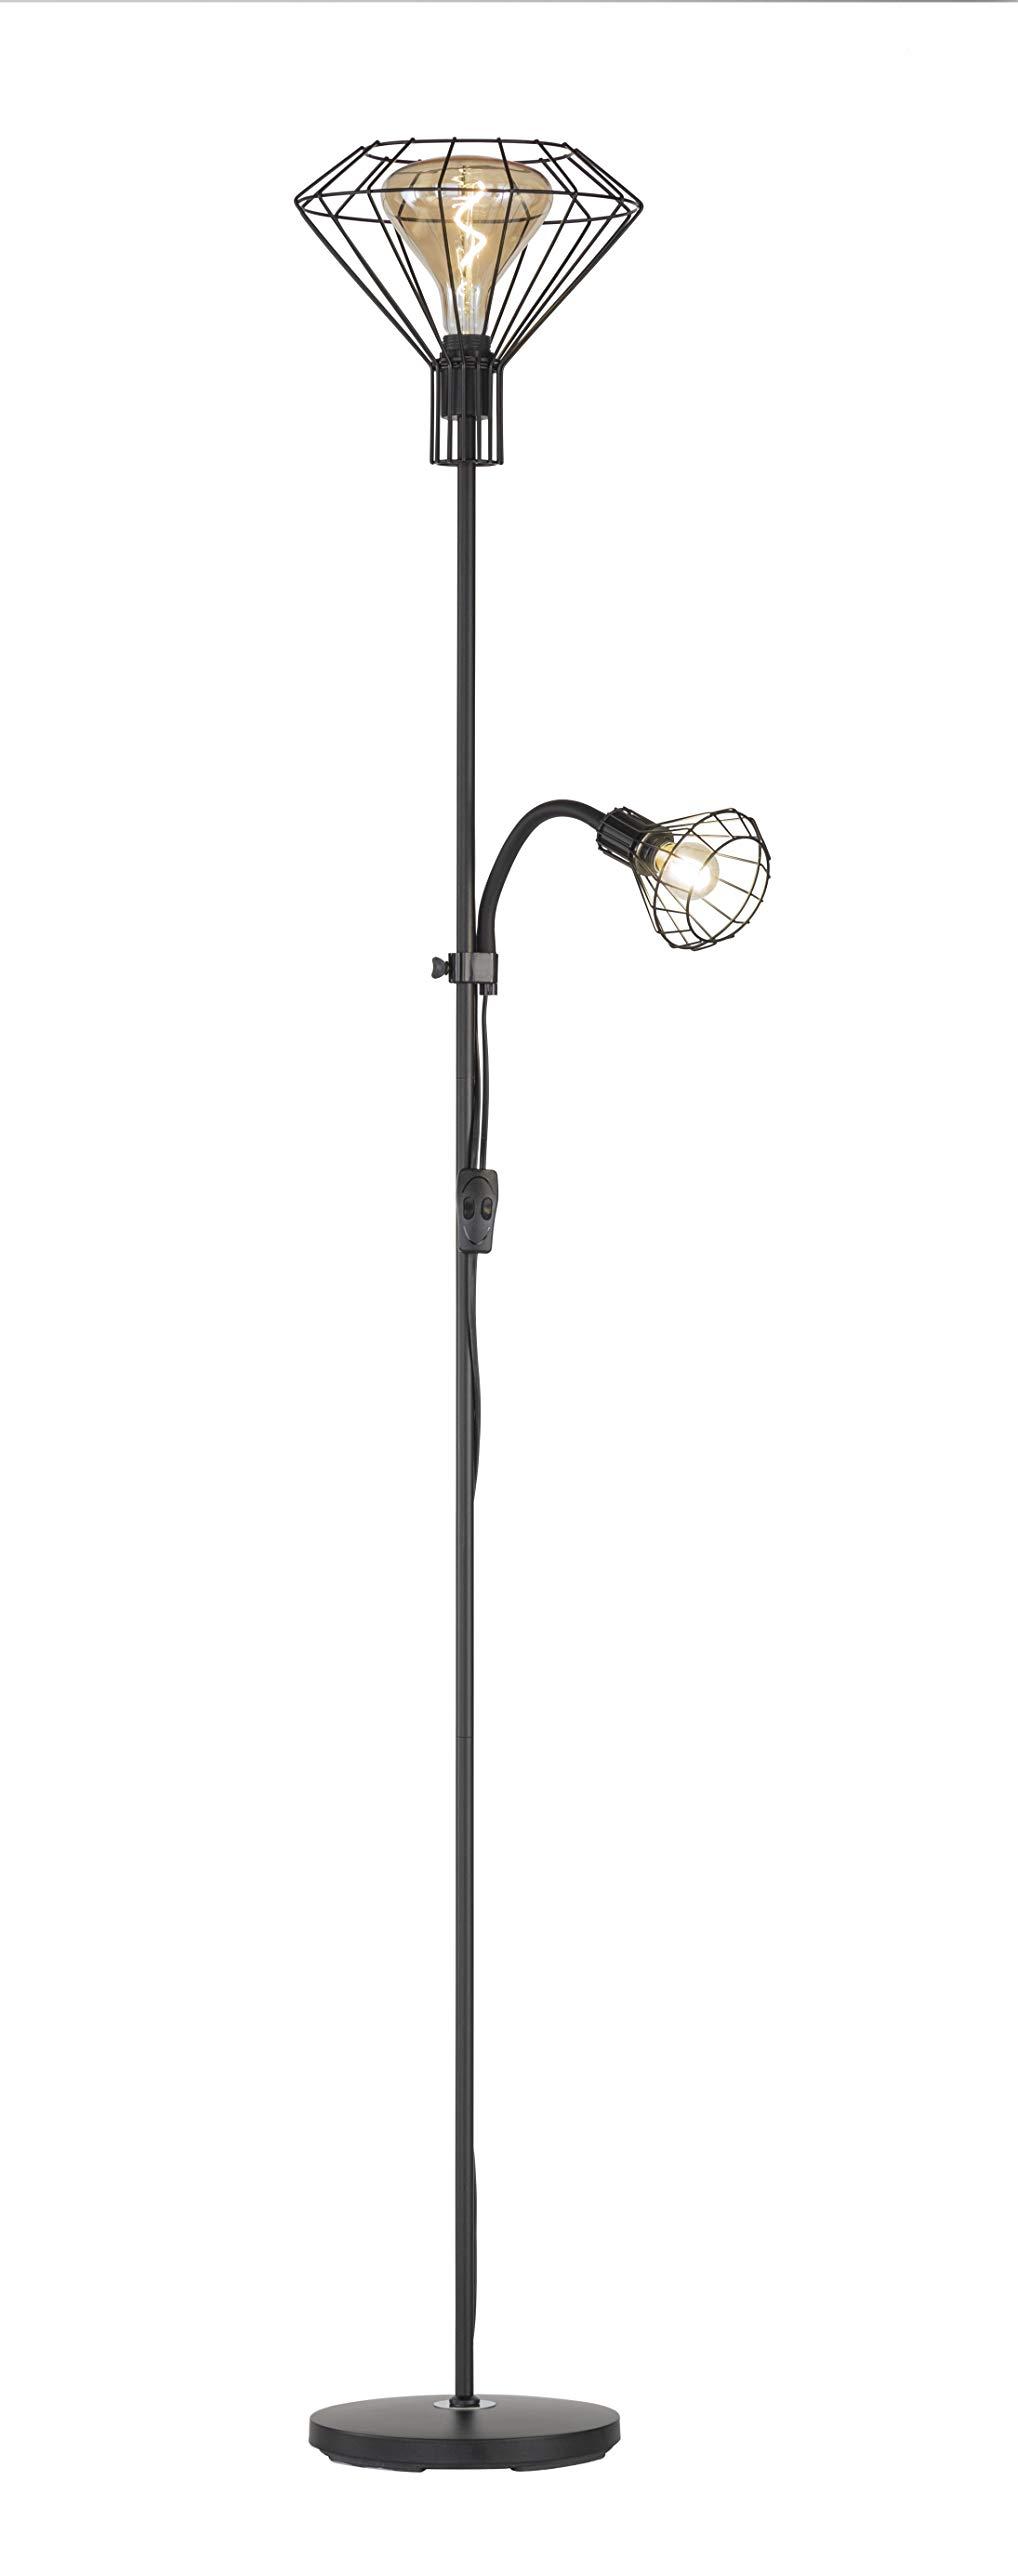 Fischer&Honsel Stev 立灯,金属,60瓦,黑色